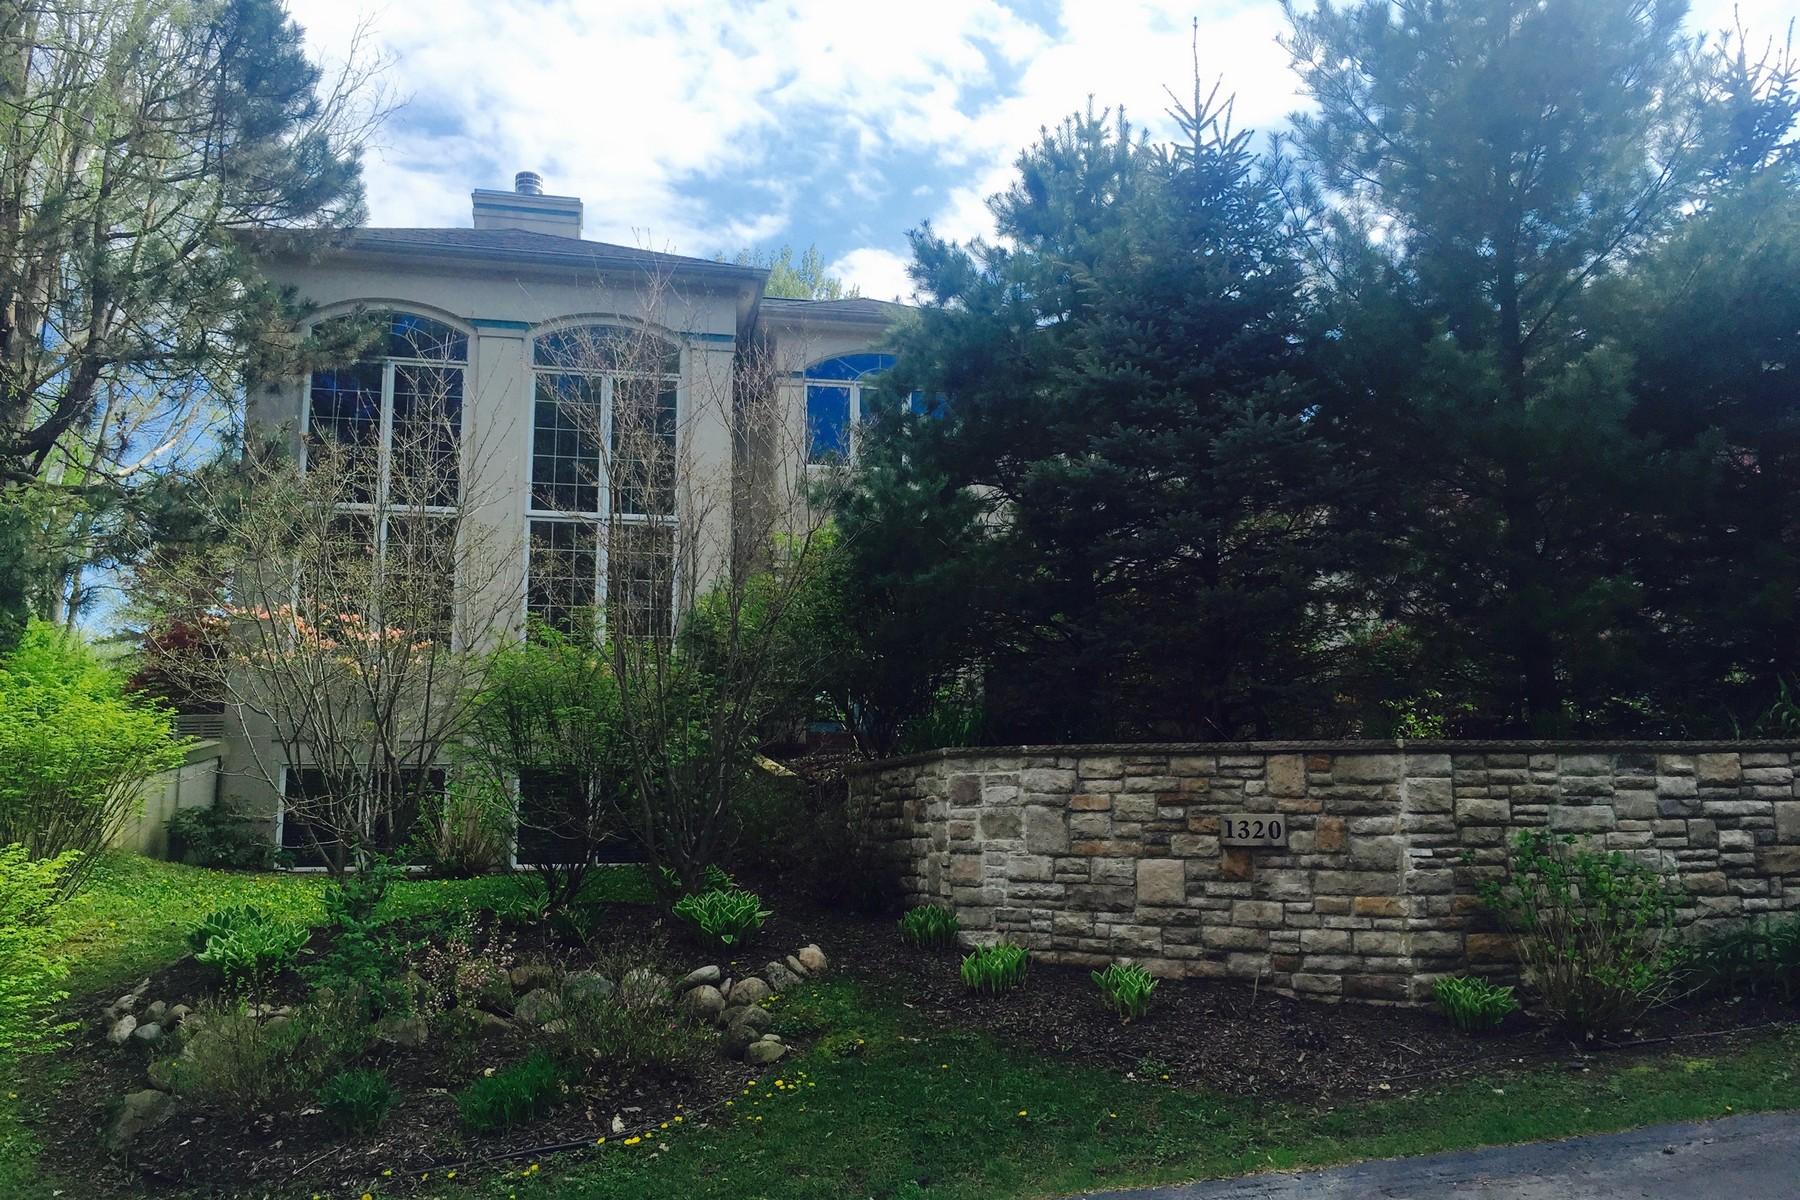 独户住宅 为 销售 在 Elegant, Spacious Home 1320 Pine Hill Court 圣若瑟, 密歇根州, 49085 美国